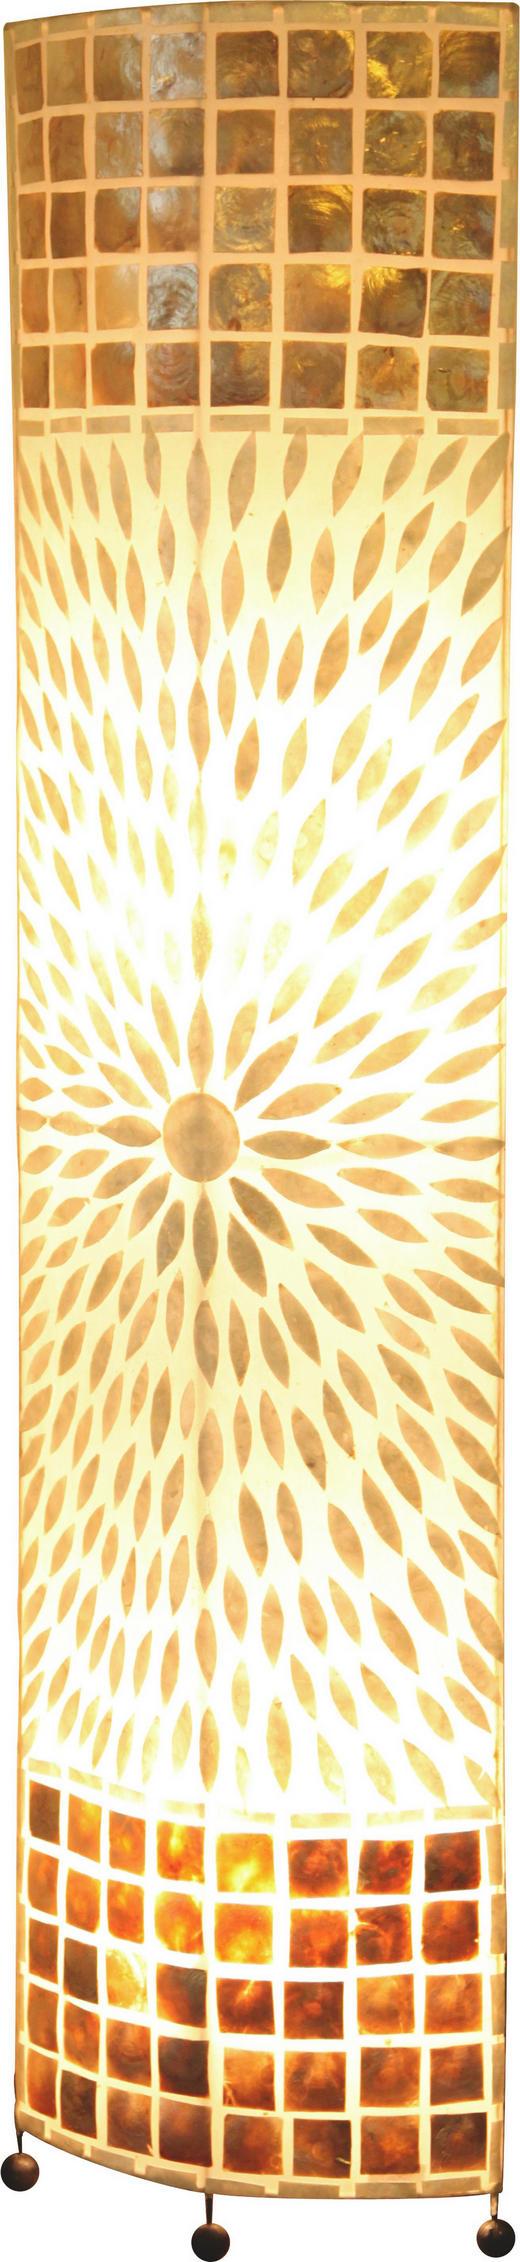 STEHLEUCHTE - LIFESTYLE, Textil/Weitere Naturmaterialien (36,5/17/149cm)